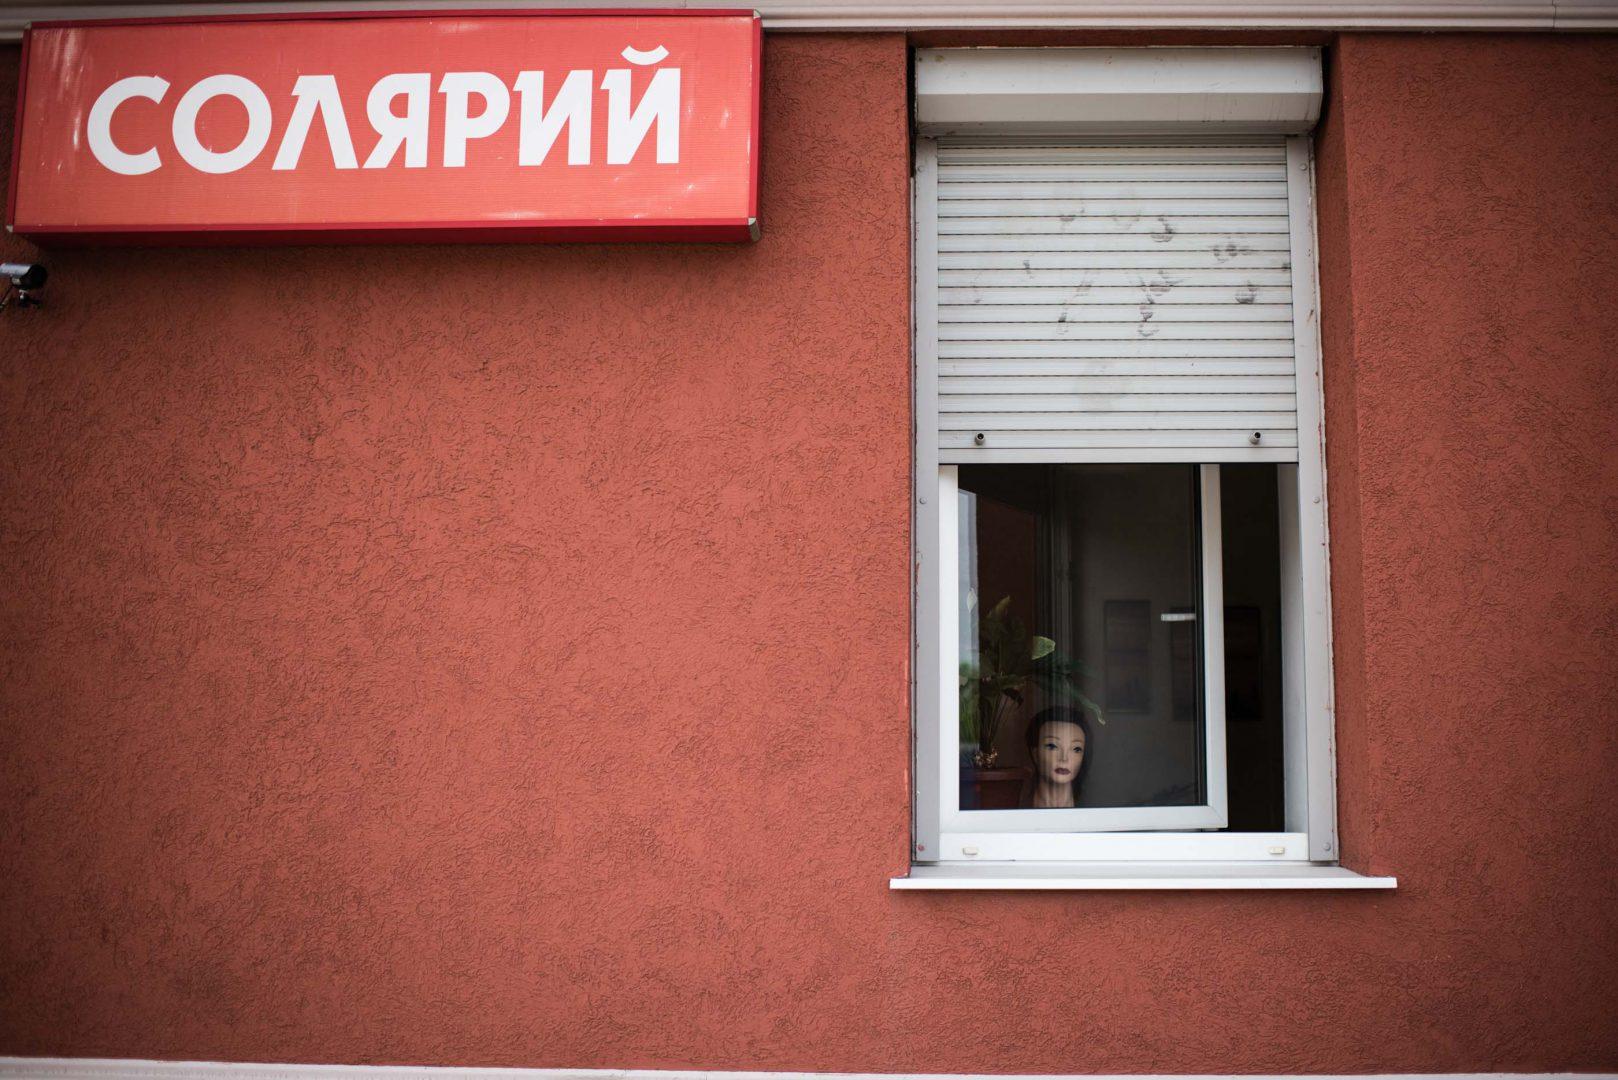 Солярий рядом с городской баней в Савёлово.